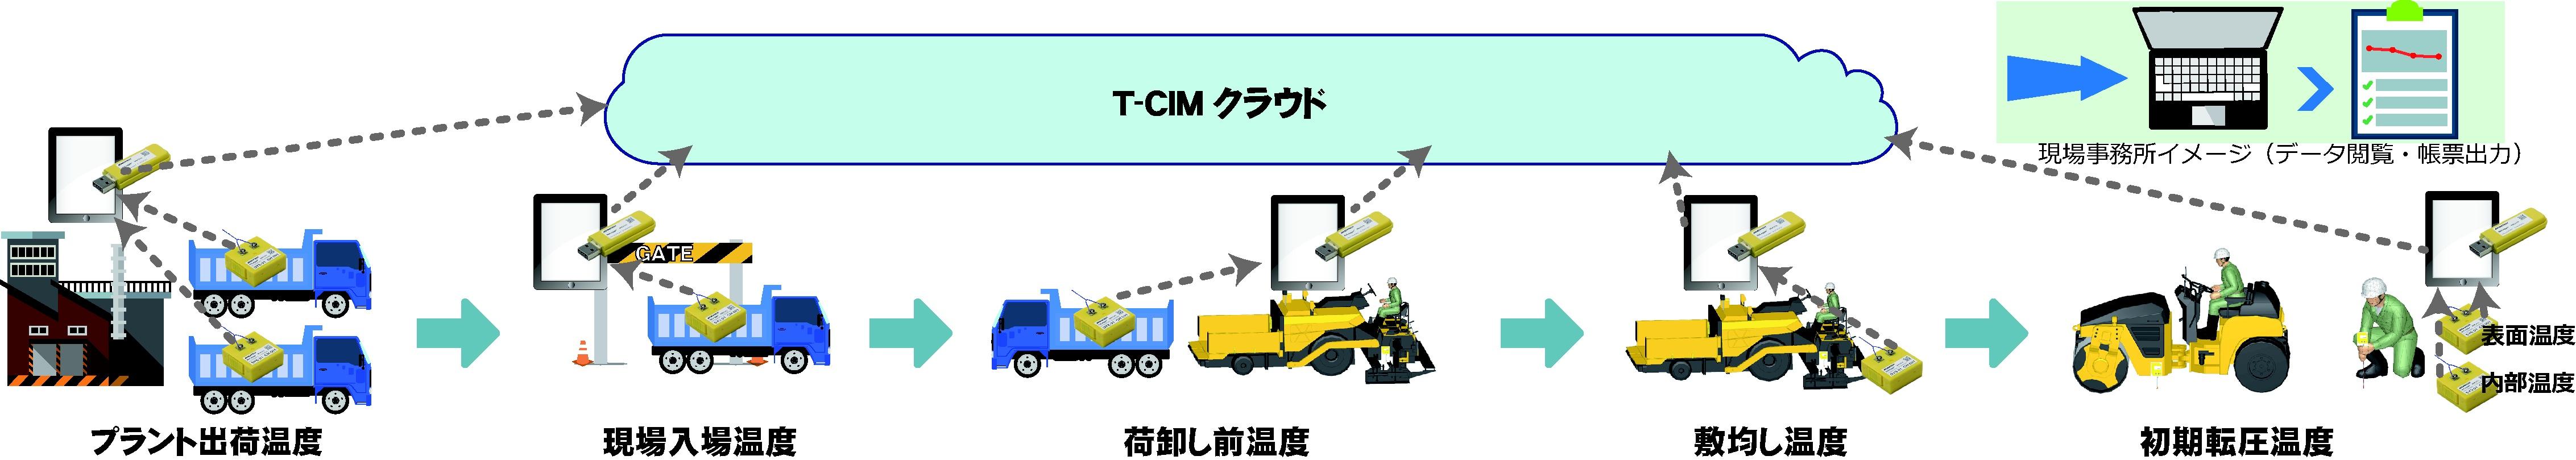 T-CIM®/Asphalt